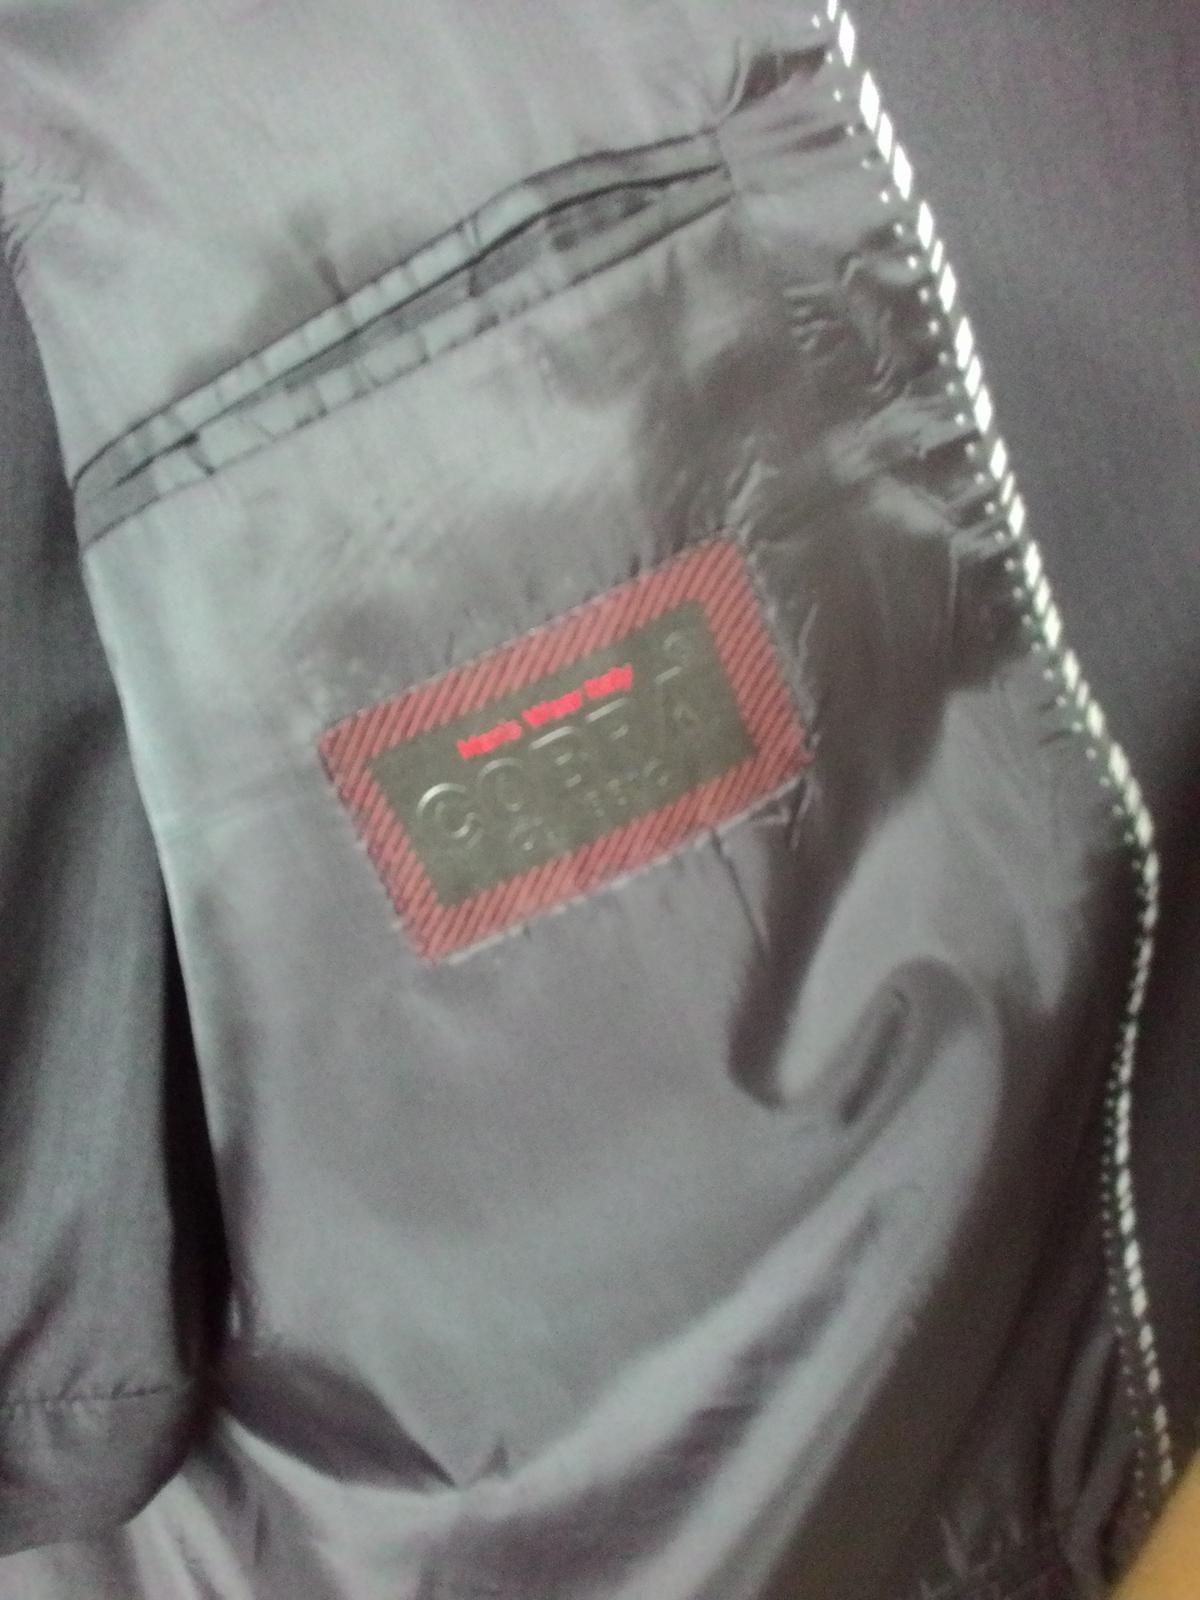 Pánsky čierny oblek č.54 - Obrázok č. 4